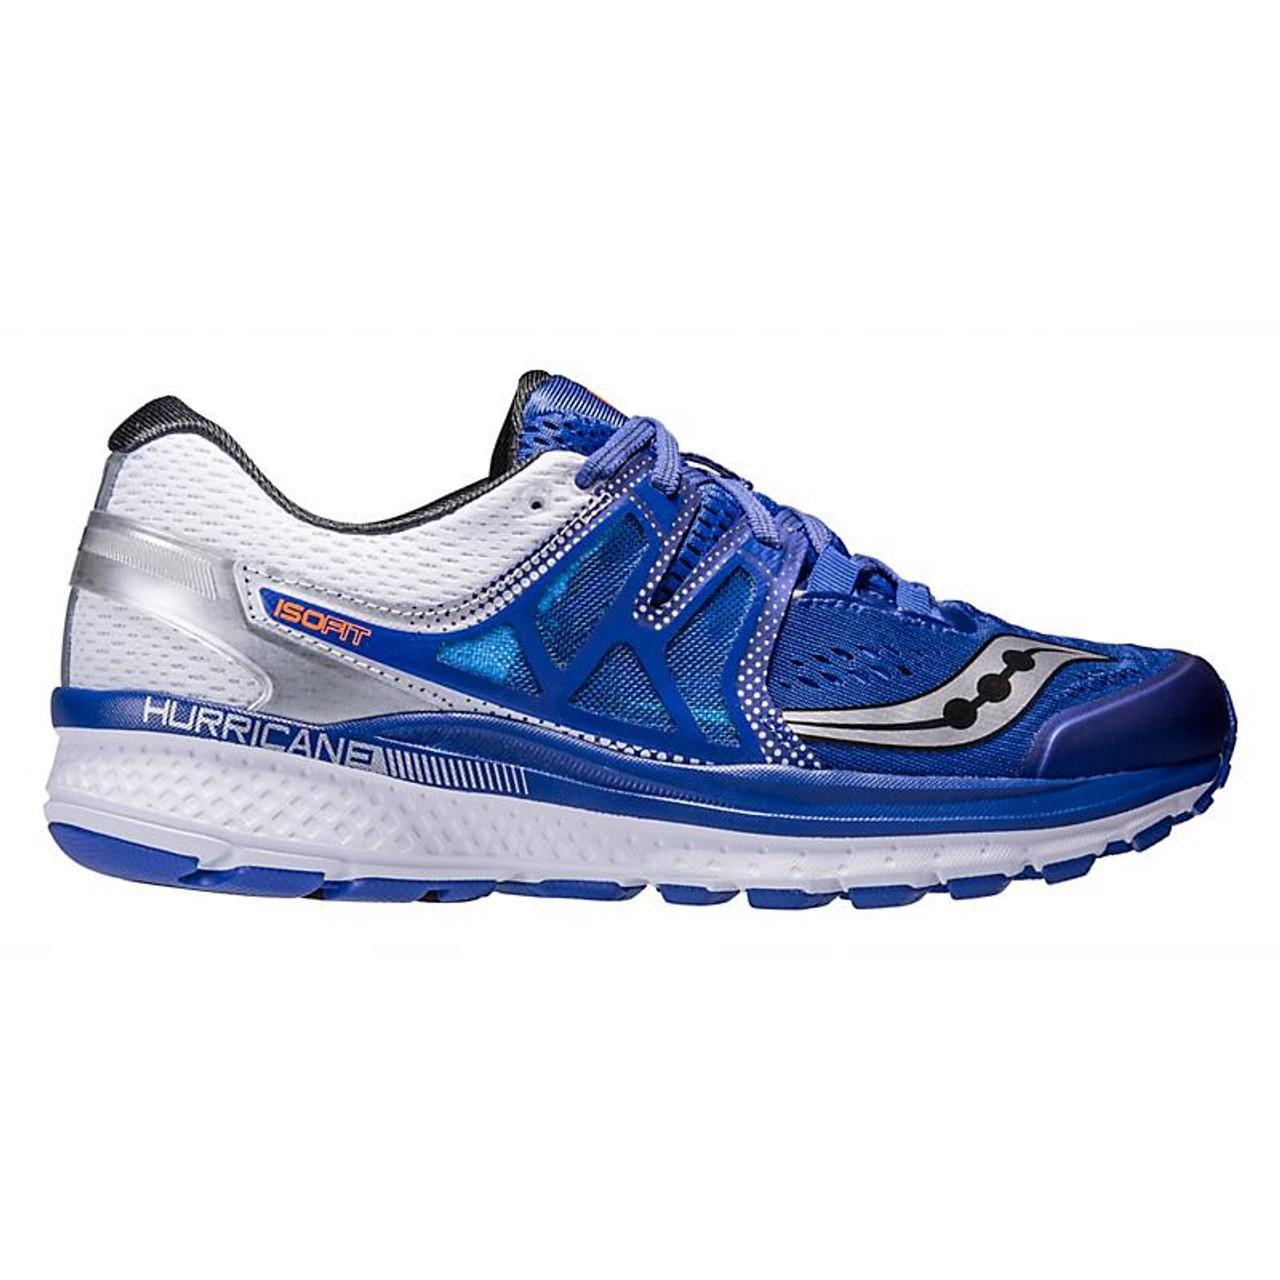 Saucony Hurricane ISO 3 Running Shoe